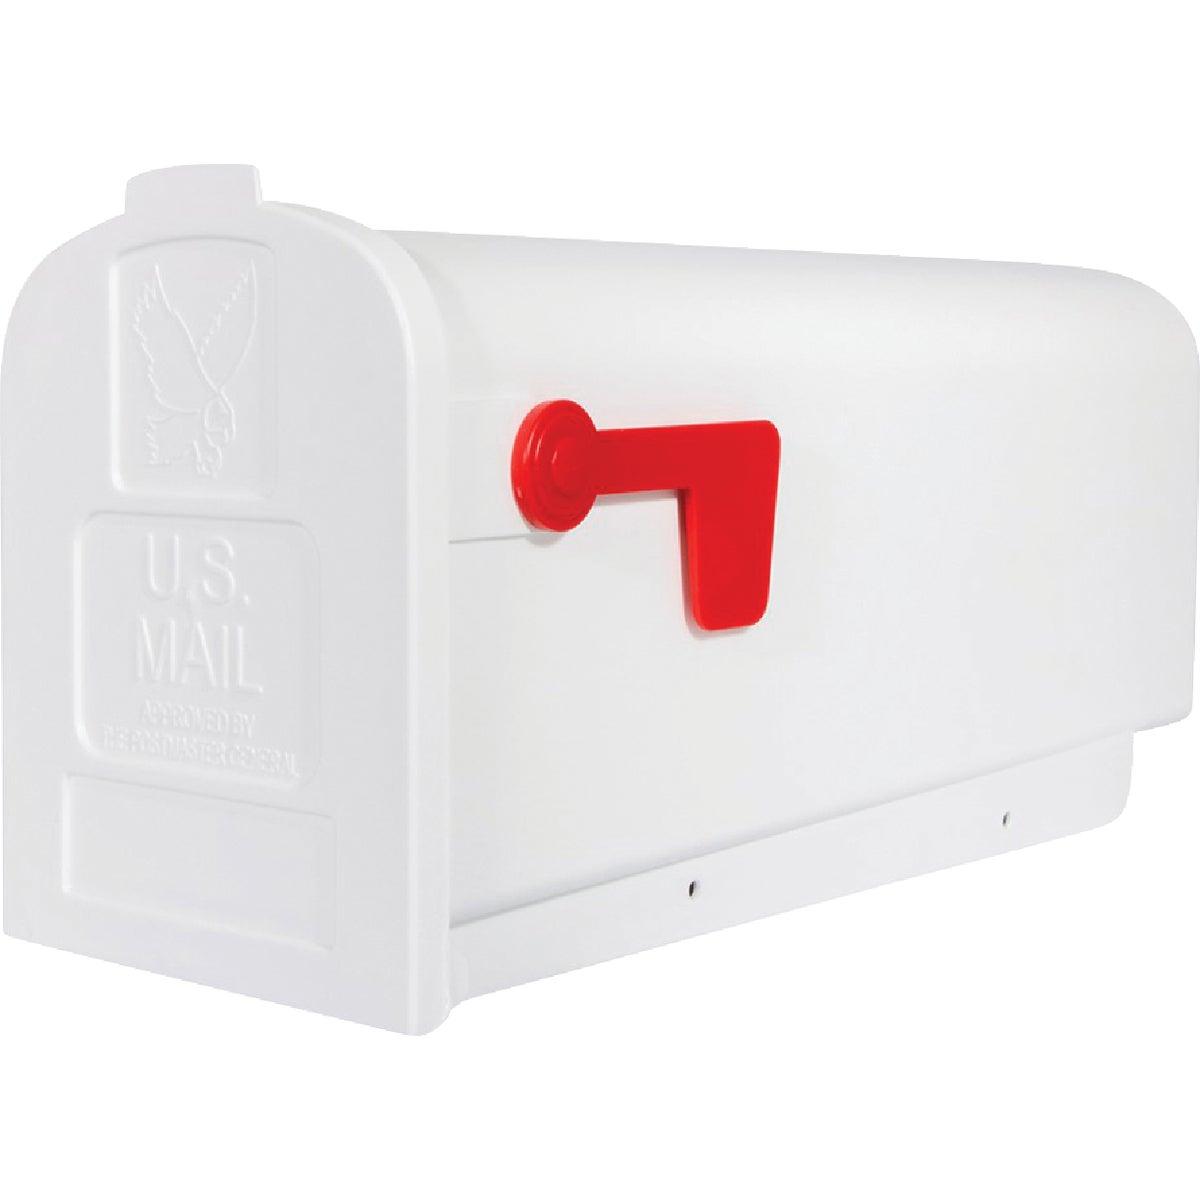 No. 1 Poly Mailbox